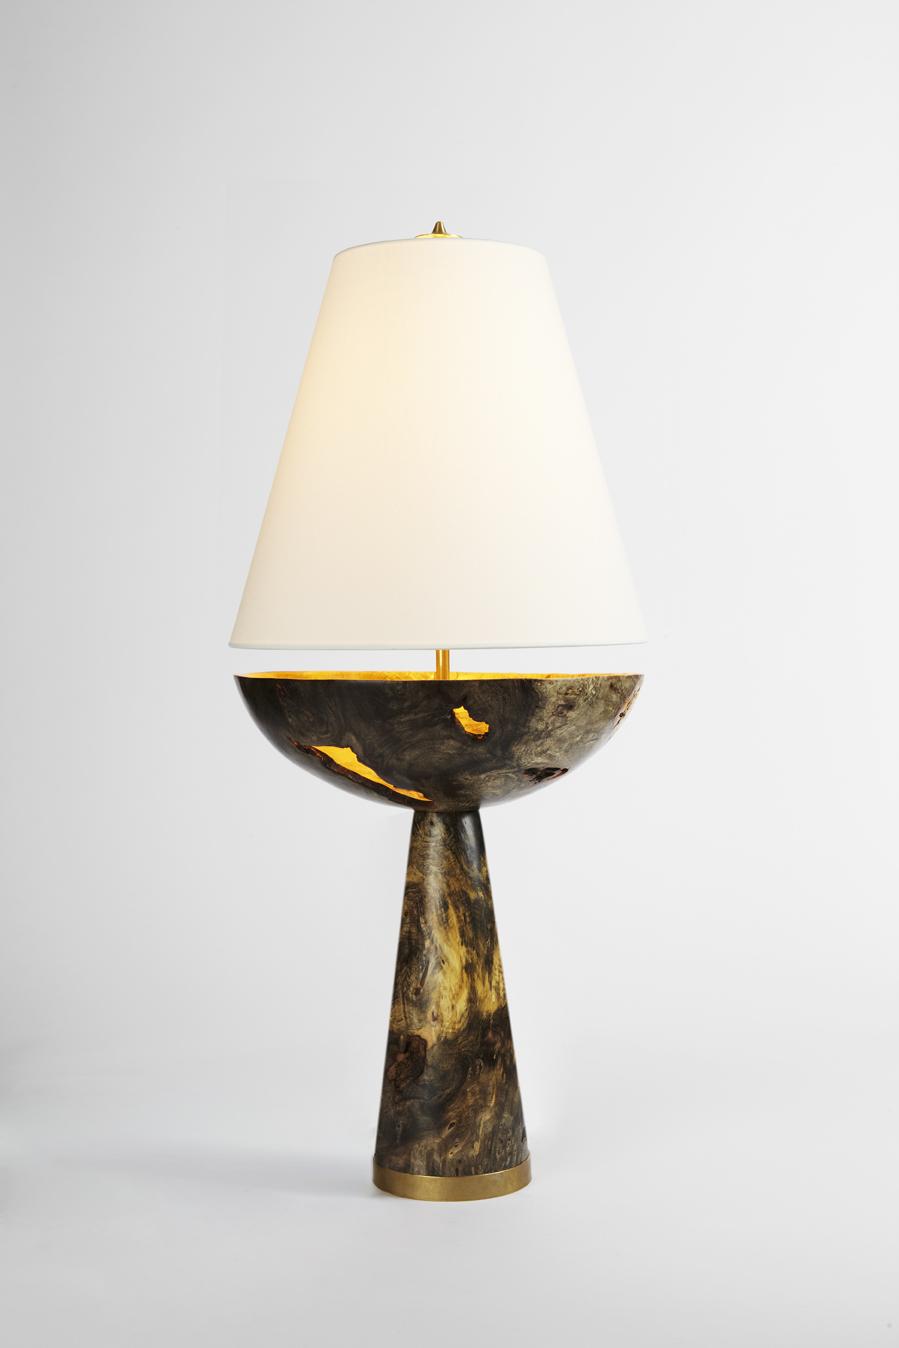 KRIEST_Alkahest_Cenotaph_Lamp_Major_2A_110.jpg